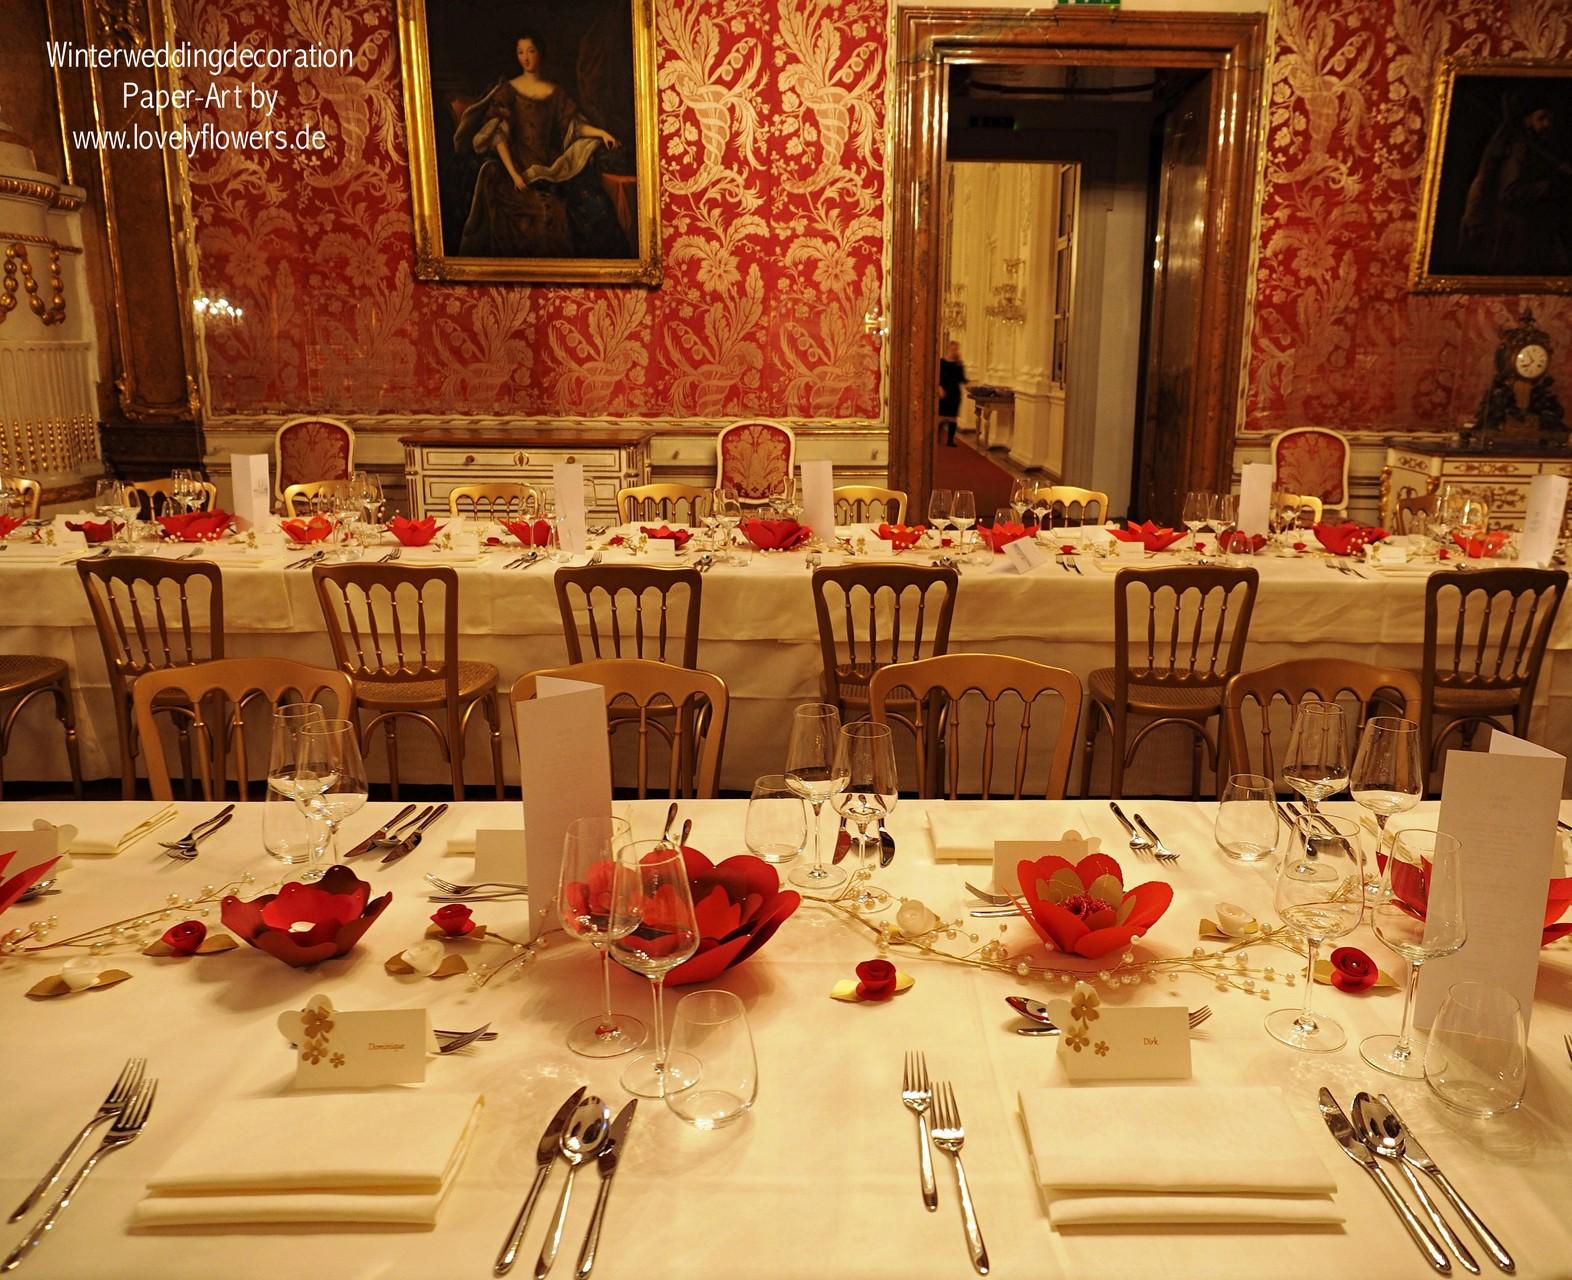 Exklusive Paper-Art Centerpiece Tischdekoraton von www.lovelyflowers.de für eine Winterhochzeit in der Residenz zu Salzburg/Österreich